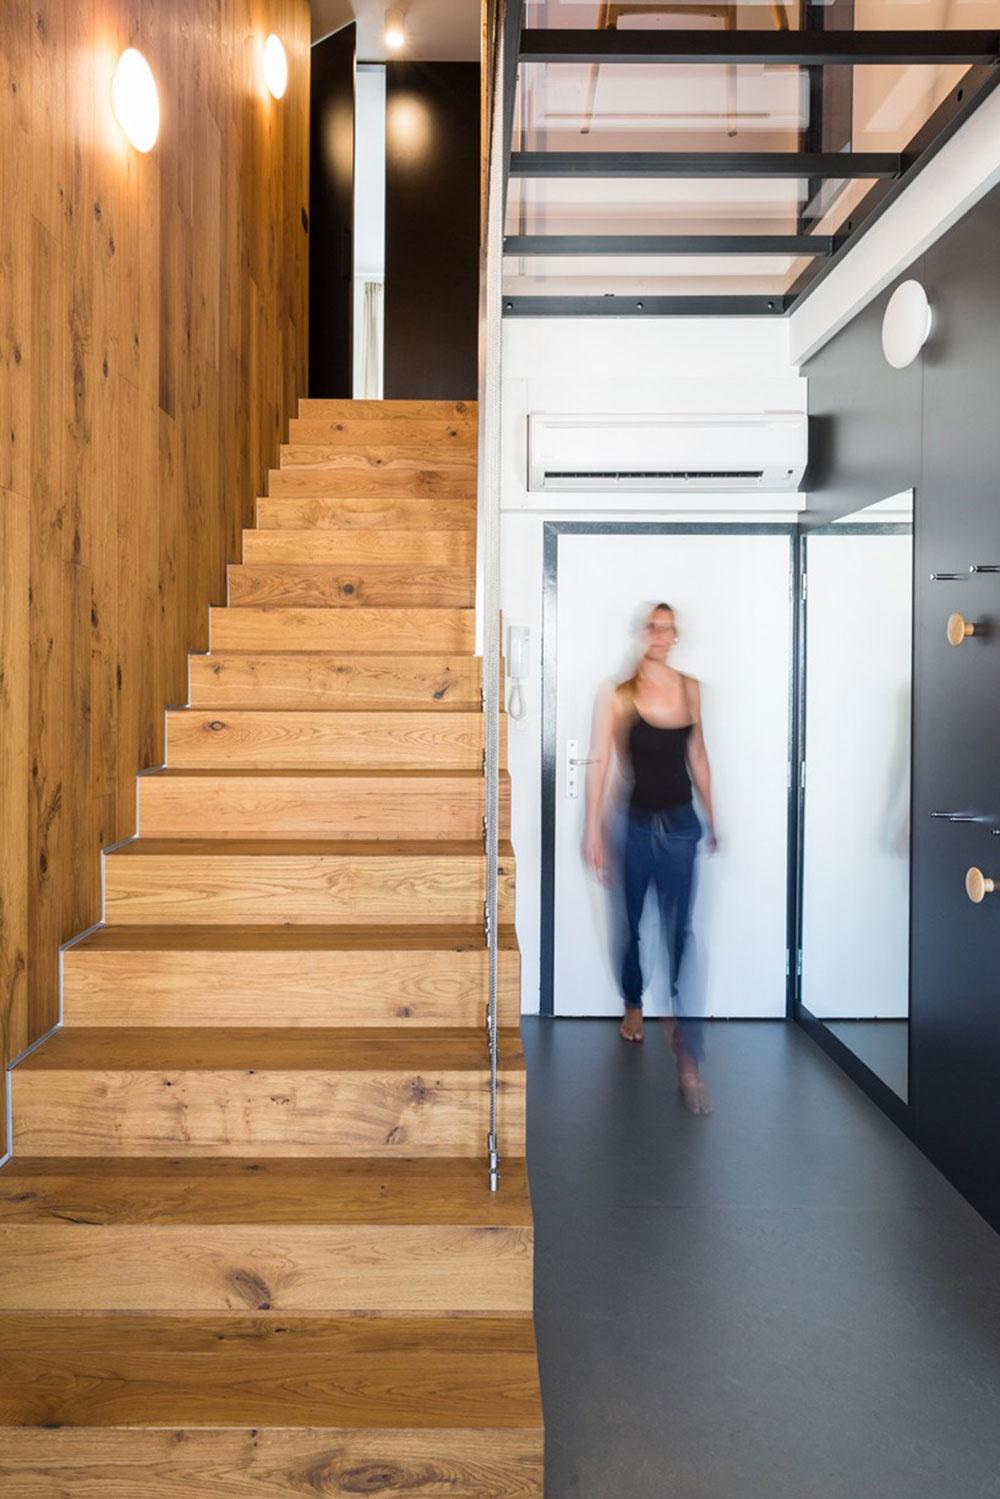 Súťaž Interiér roku: Bratislavský mezonet, kde dominuje drevené schodisko a drevený obklad